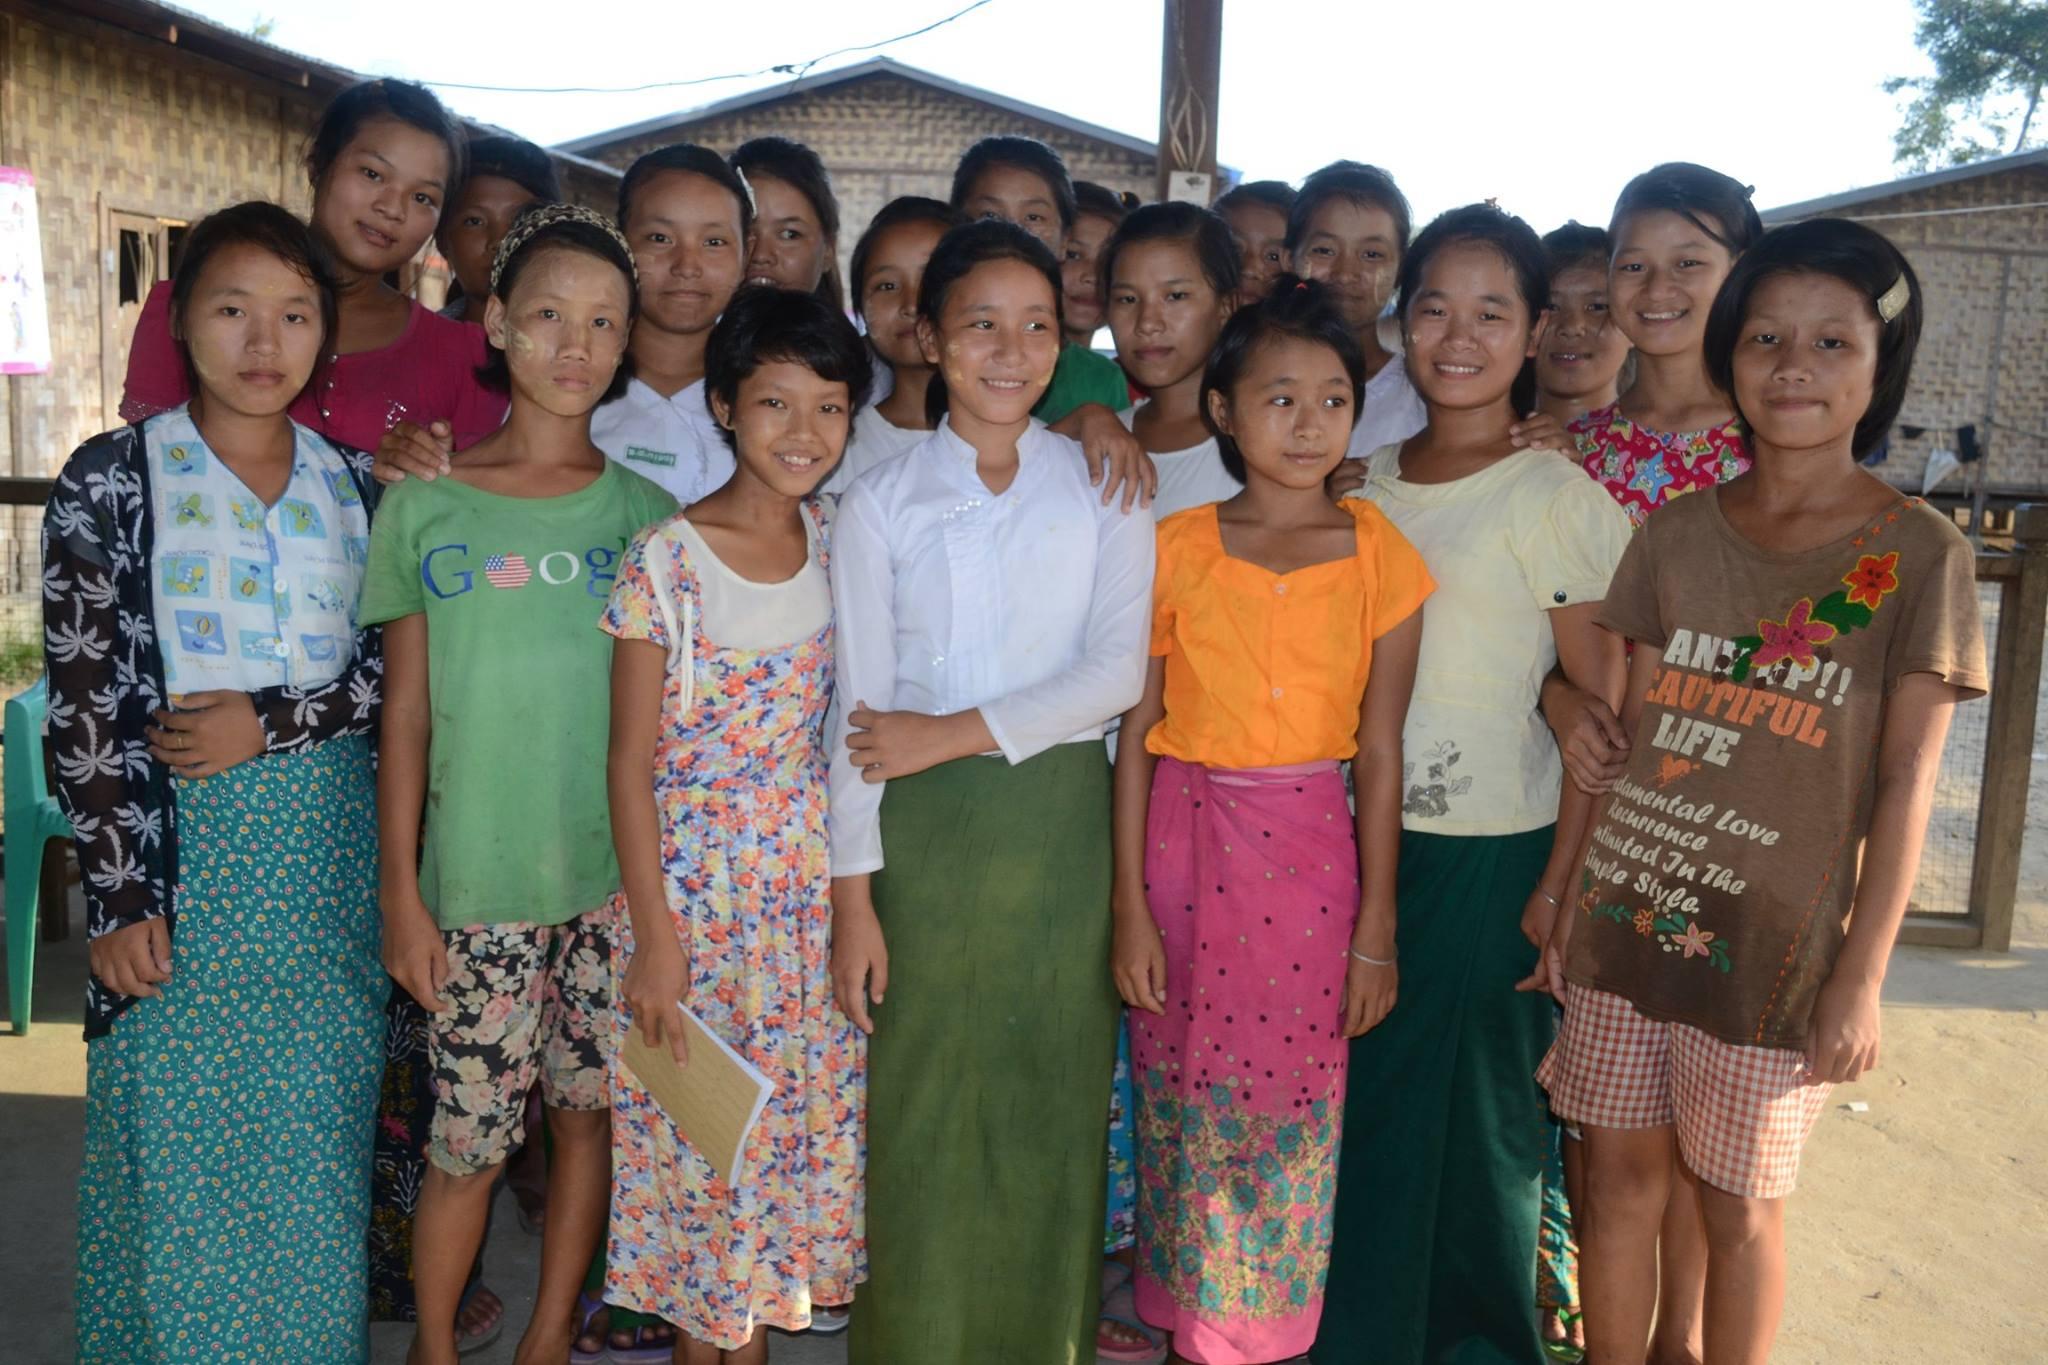 """¿Qué le quieres decir a las niñas en Myanmar en el Día Internacional de la Niña? """"Estudien y trabajen duro para alcanzar sus sueños. Deseamos que el sueño de todas las niñas se haga realidad"""". – Niñas viviendo en un campo IDP en Kachin. Foto y publicación de Plan International en Myanmar. Utilizada bajo autorización."""